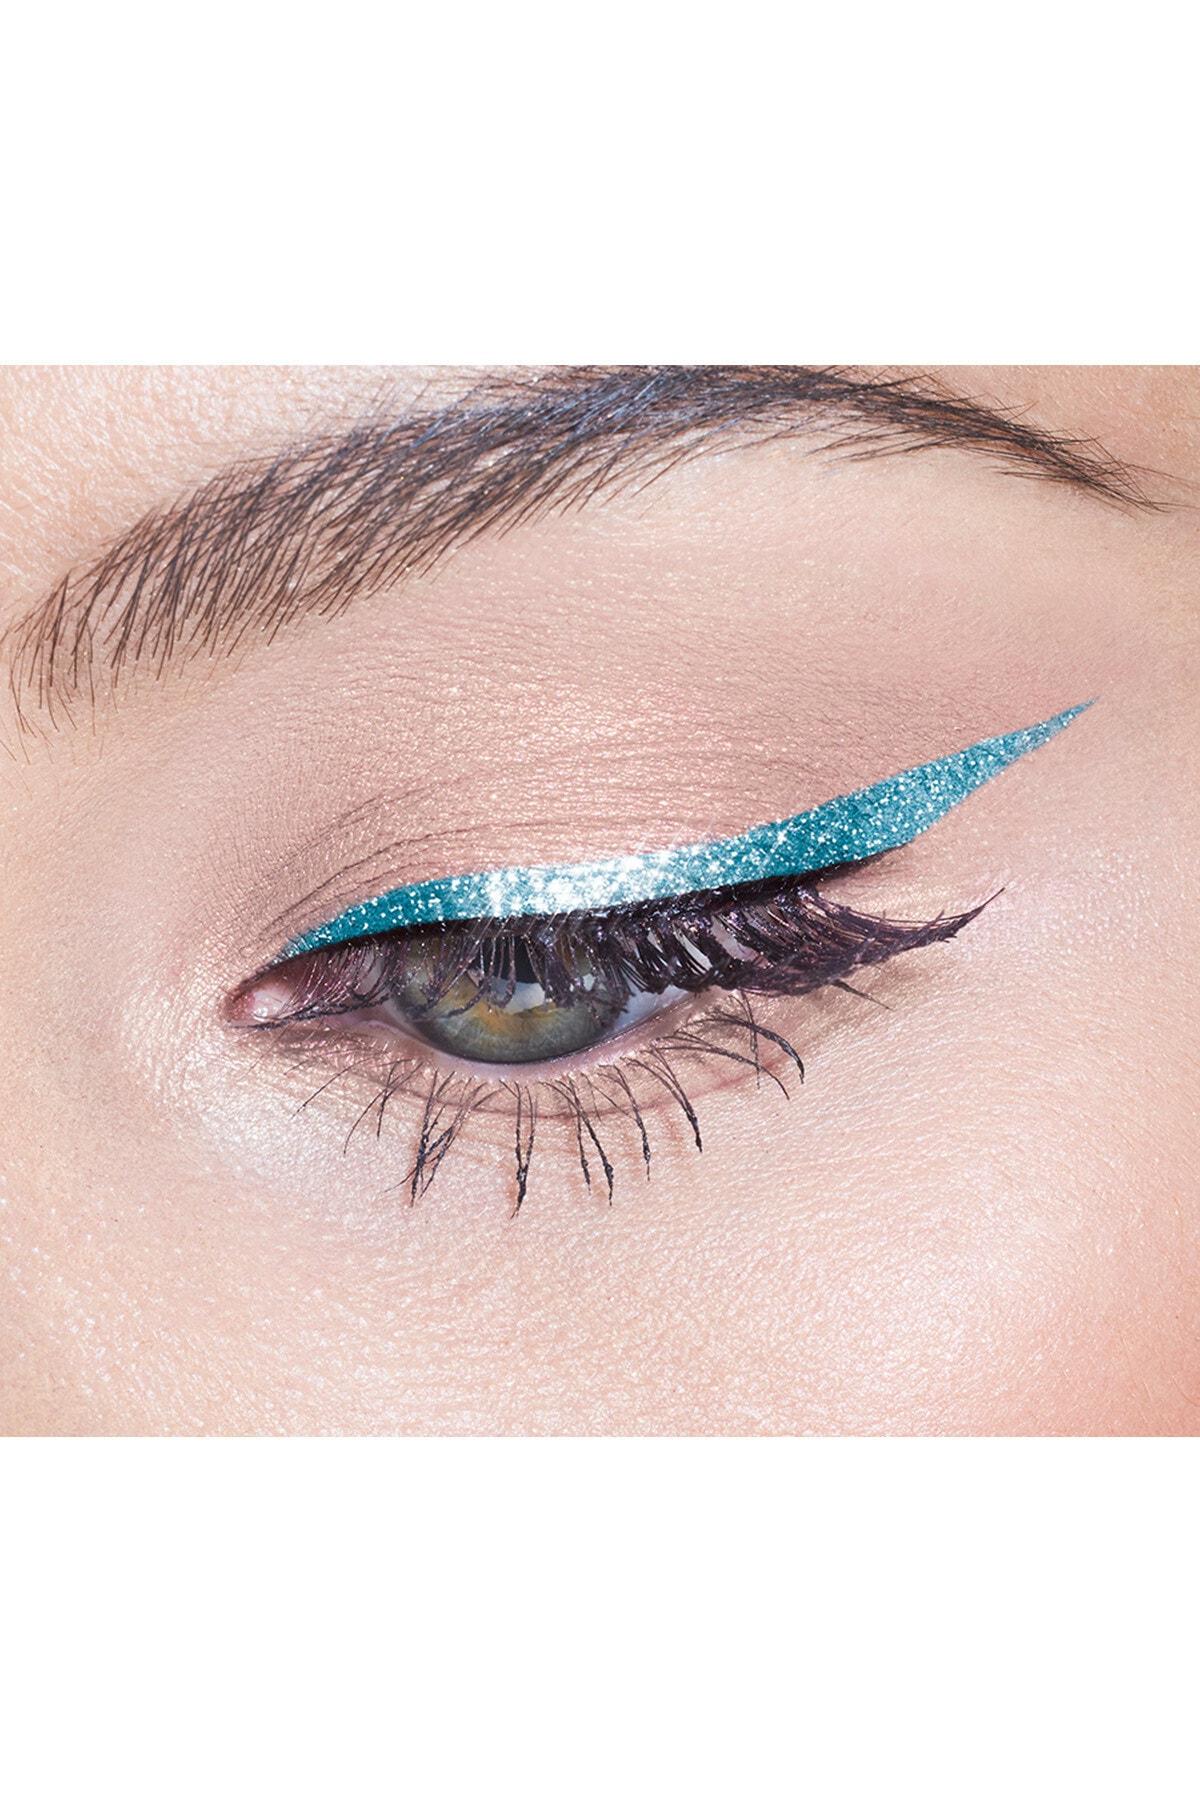 AVON Mark Pearlesque Liquid Eyeliner - Freshwater 2